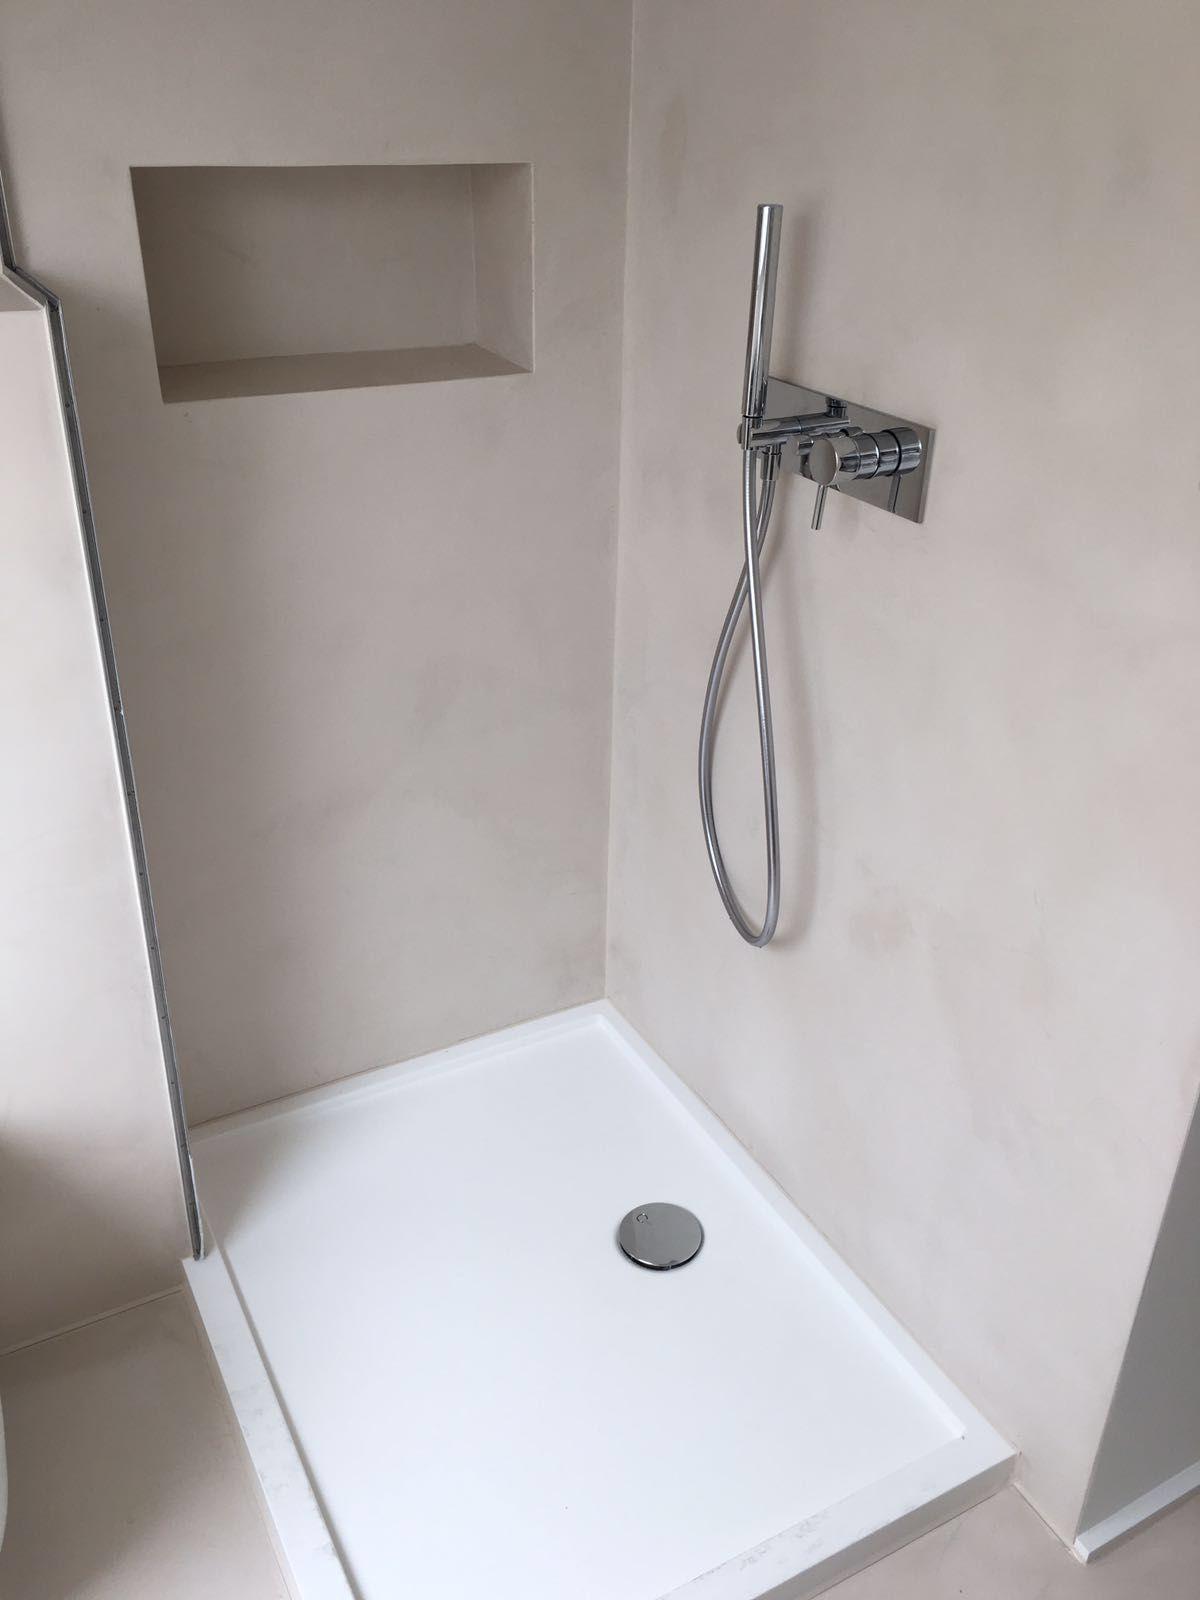 Badezimmer Ohne Fliesen Du Hast Die Nase Voll Von Schimmeligen Und Schmutzigen Fugen D In 2020 Badezimmer Fliesen Badezimmer Dusche Fliesen Badezimmer Aufbewahrung